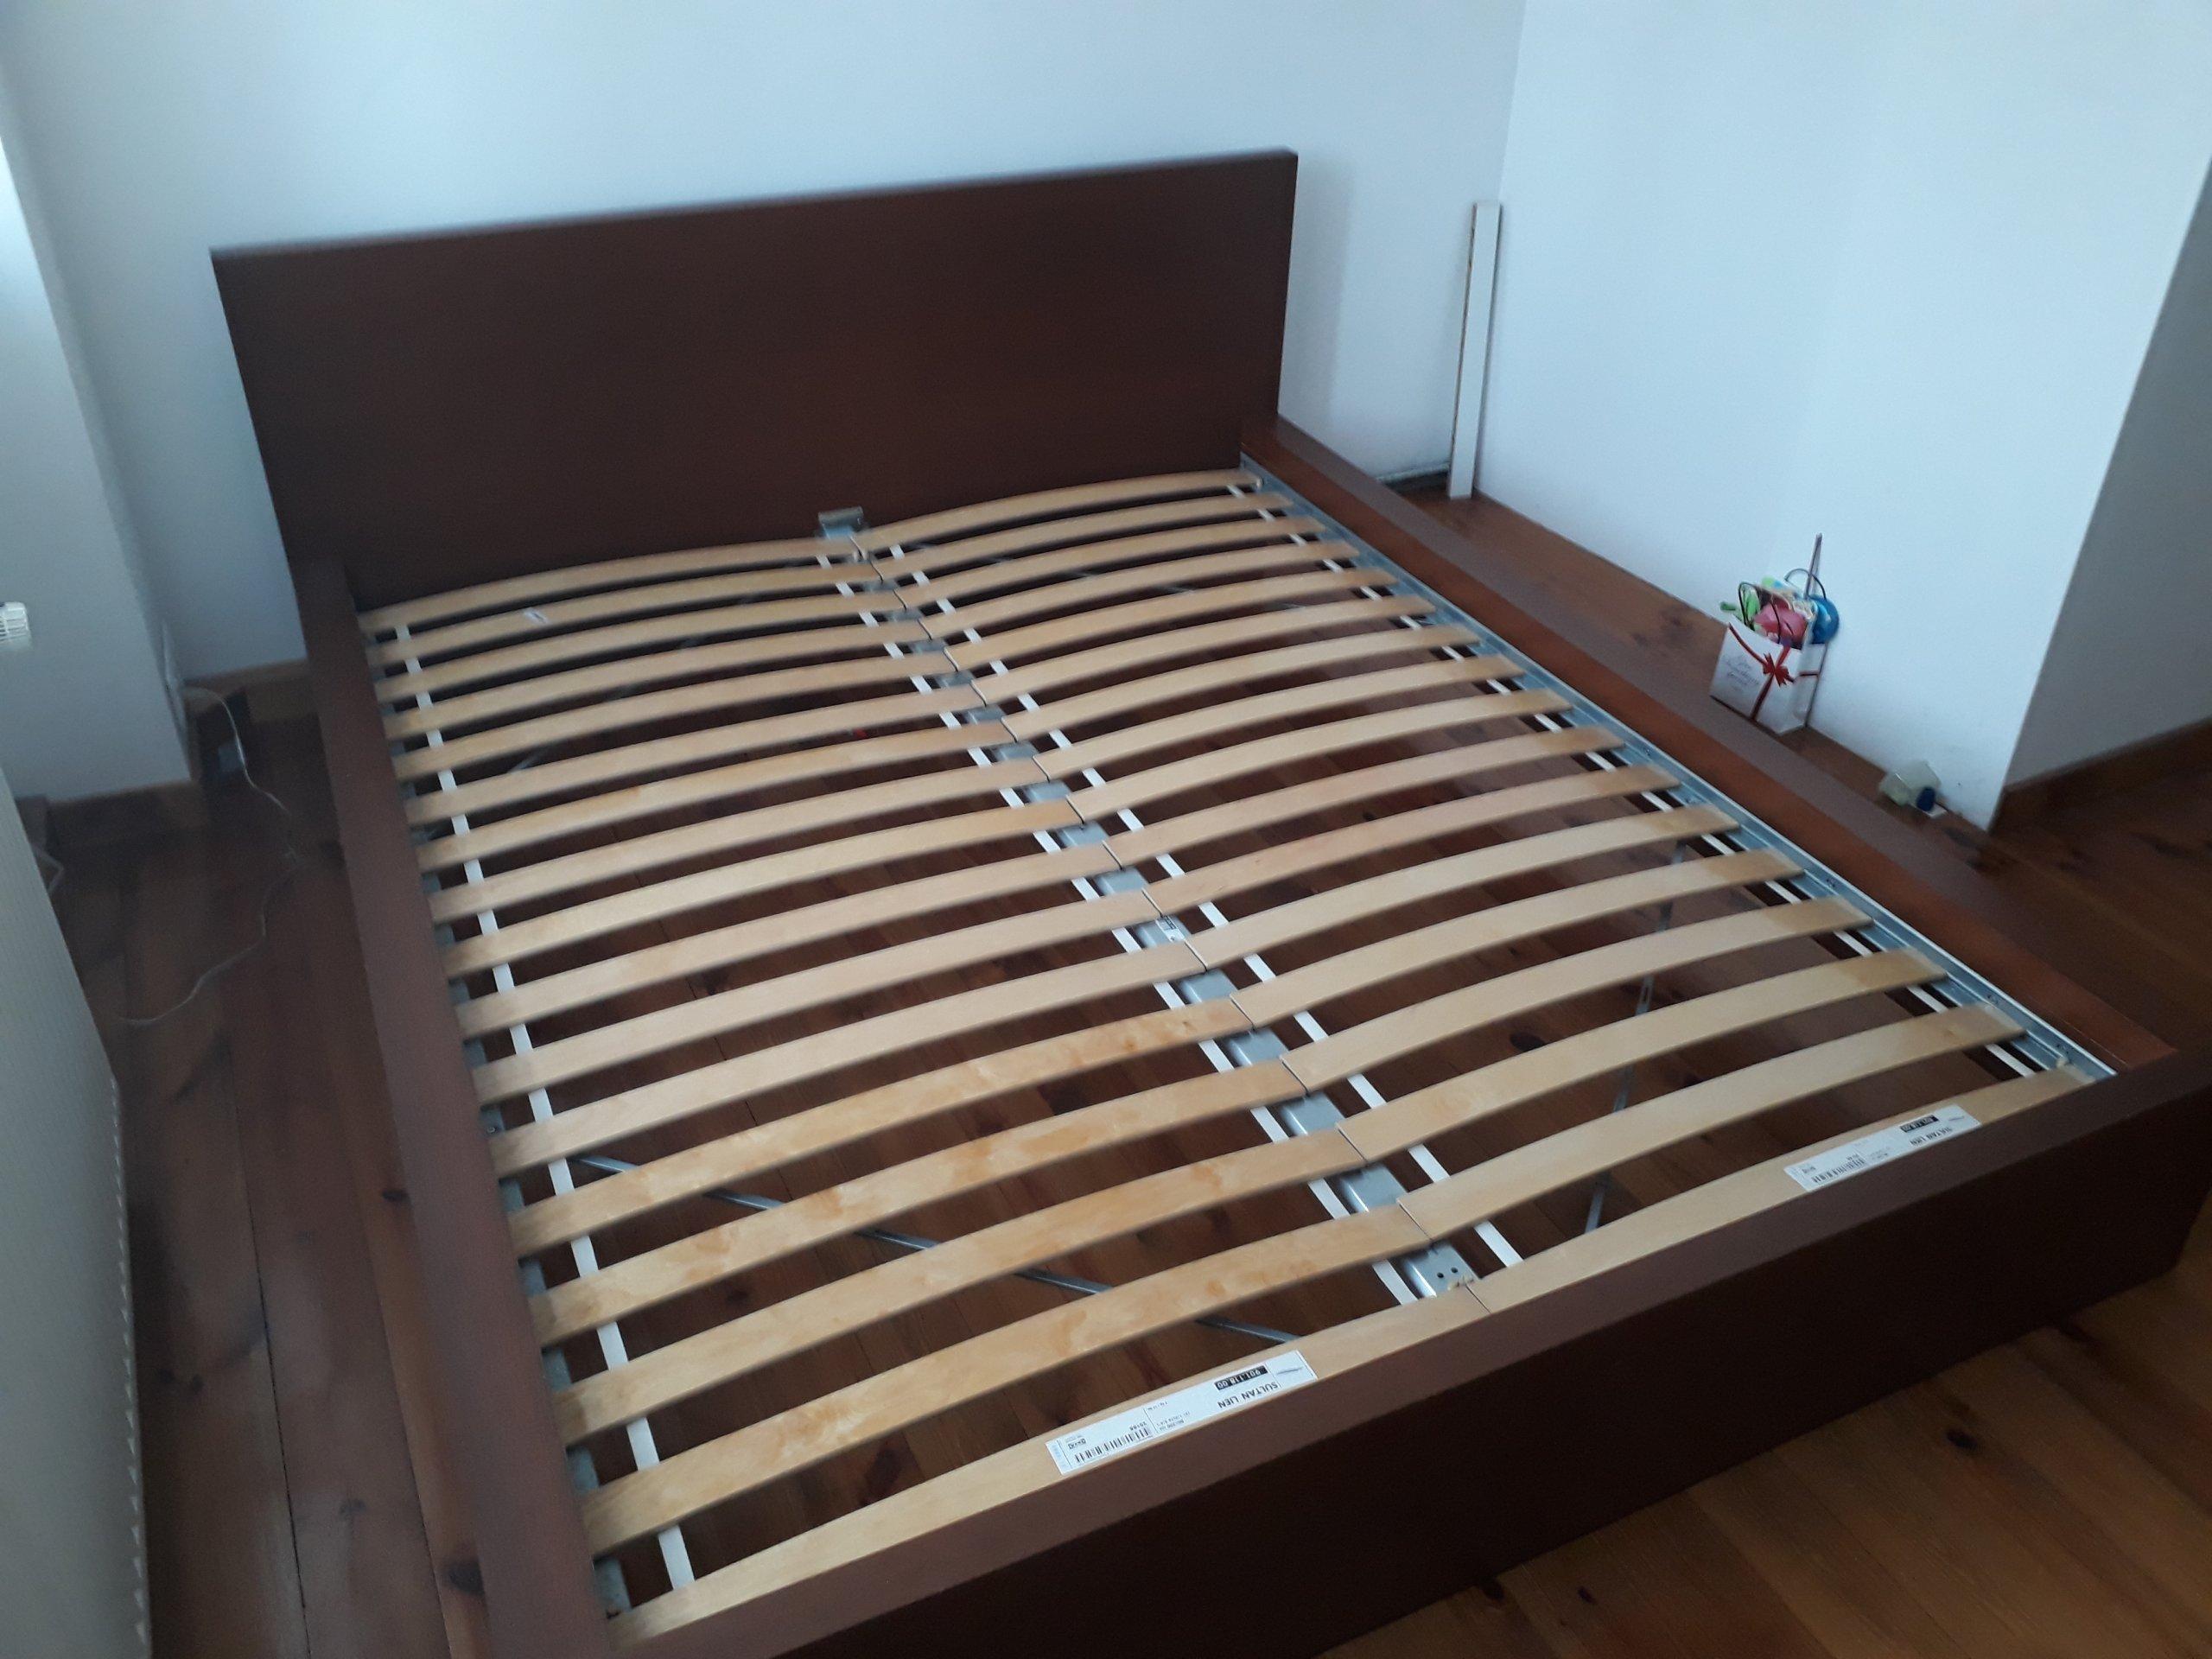 łóżko Ikea Malm Belka Hamar Dno Z Listew 7356150420